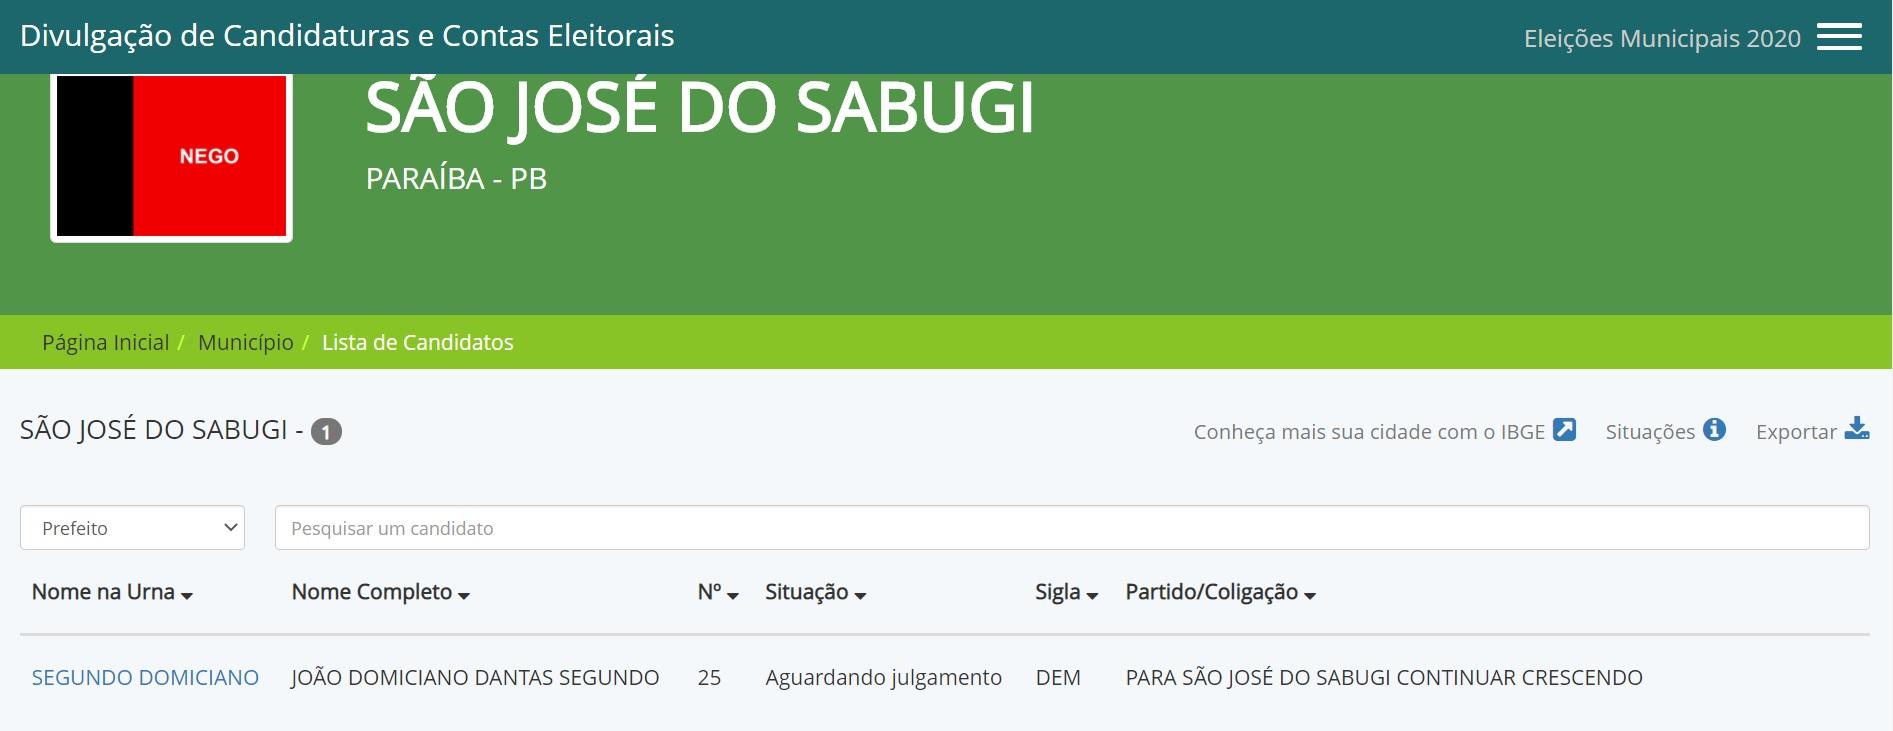 São José do Sabugi tem apenas um candidato a prefeito e eleitores ficam sem opção